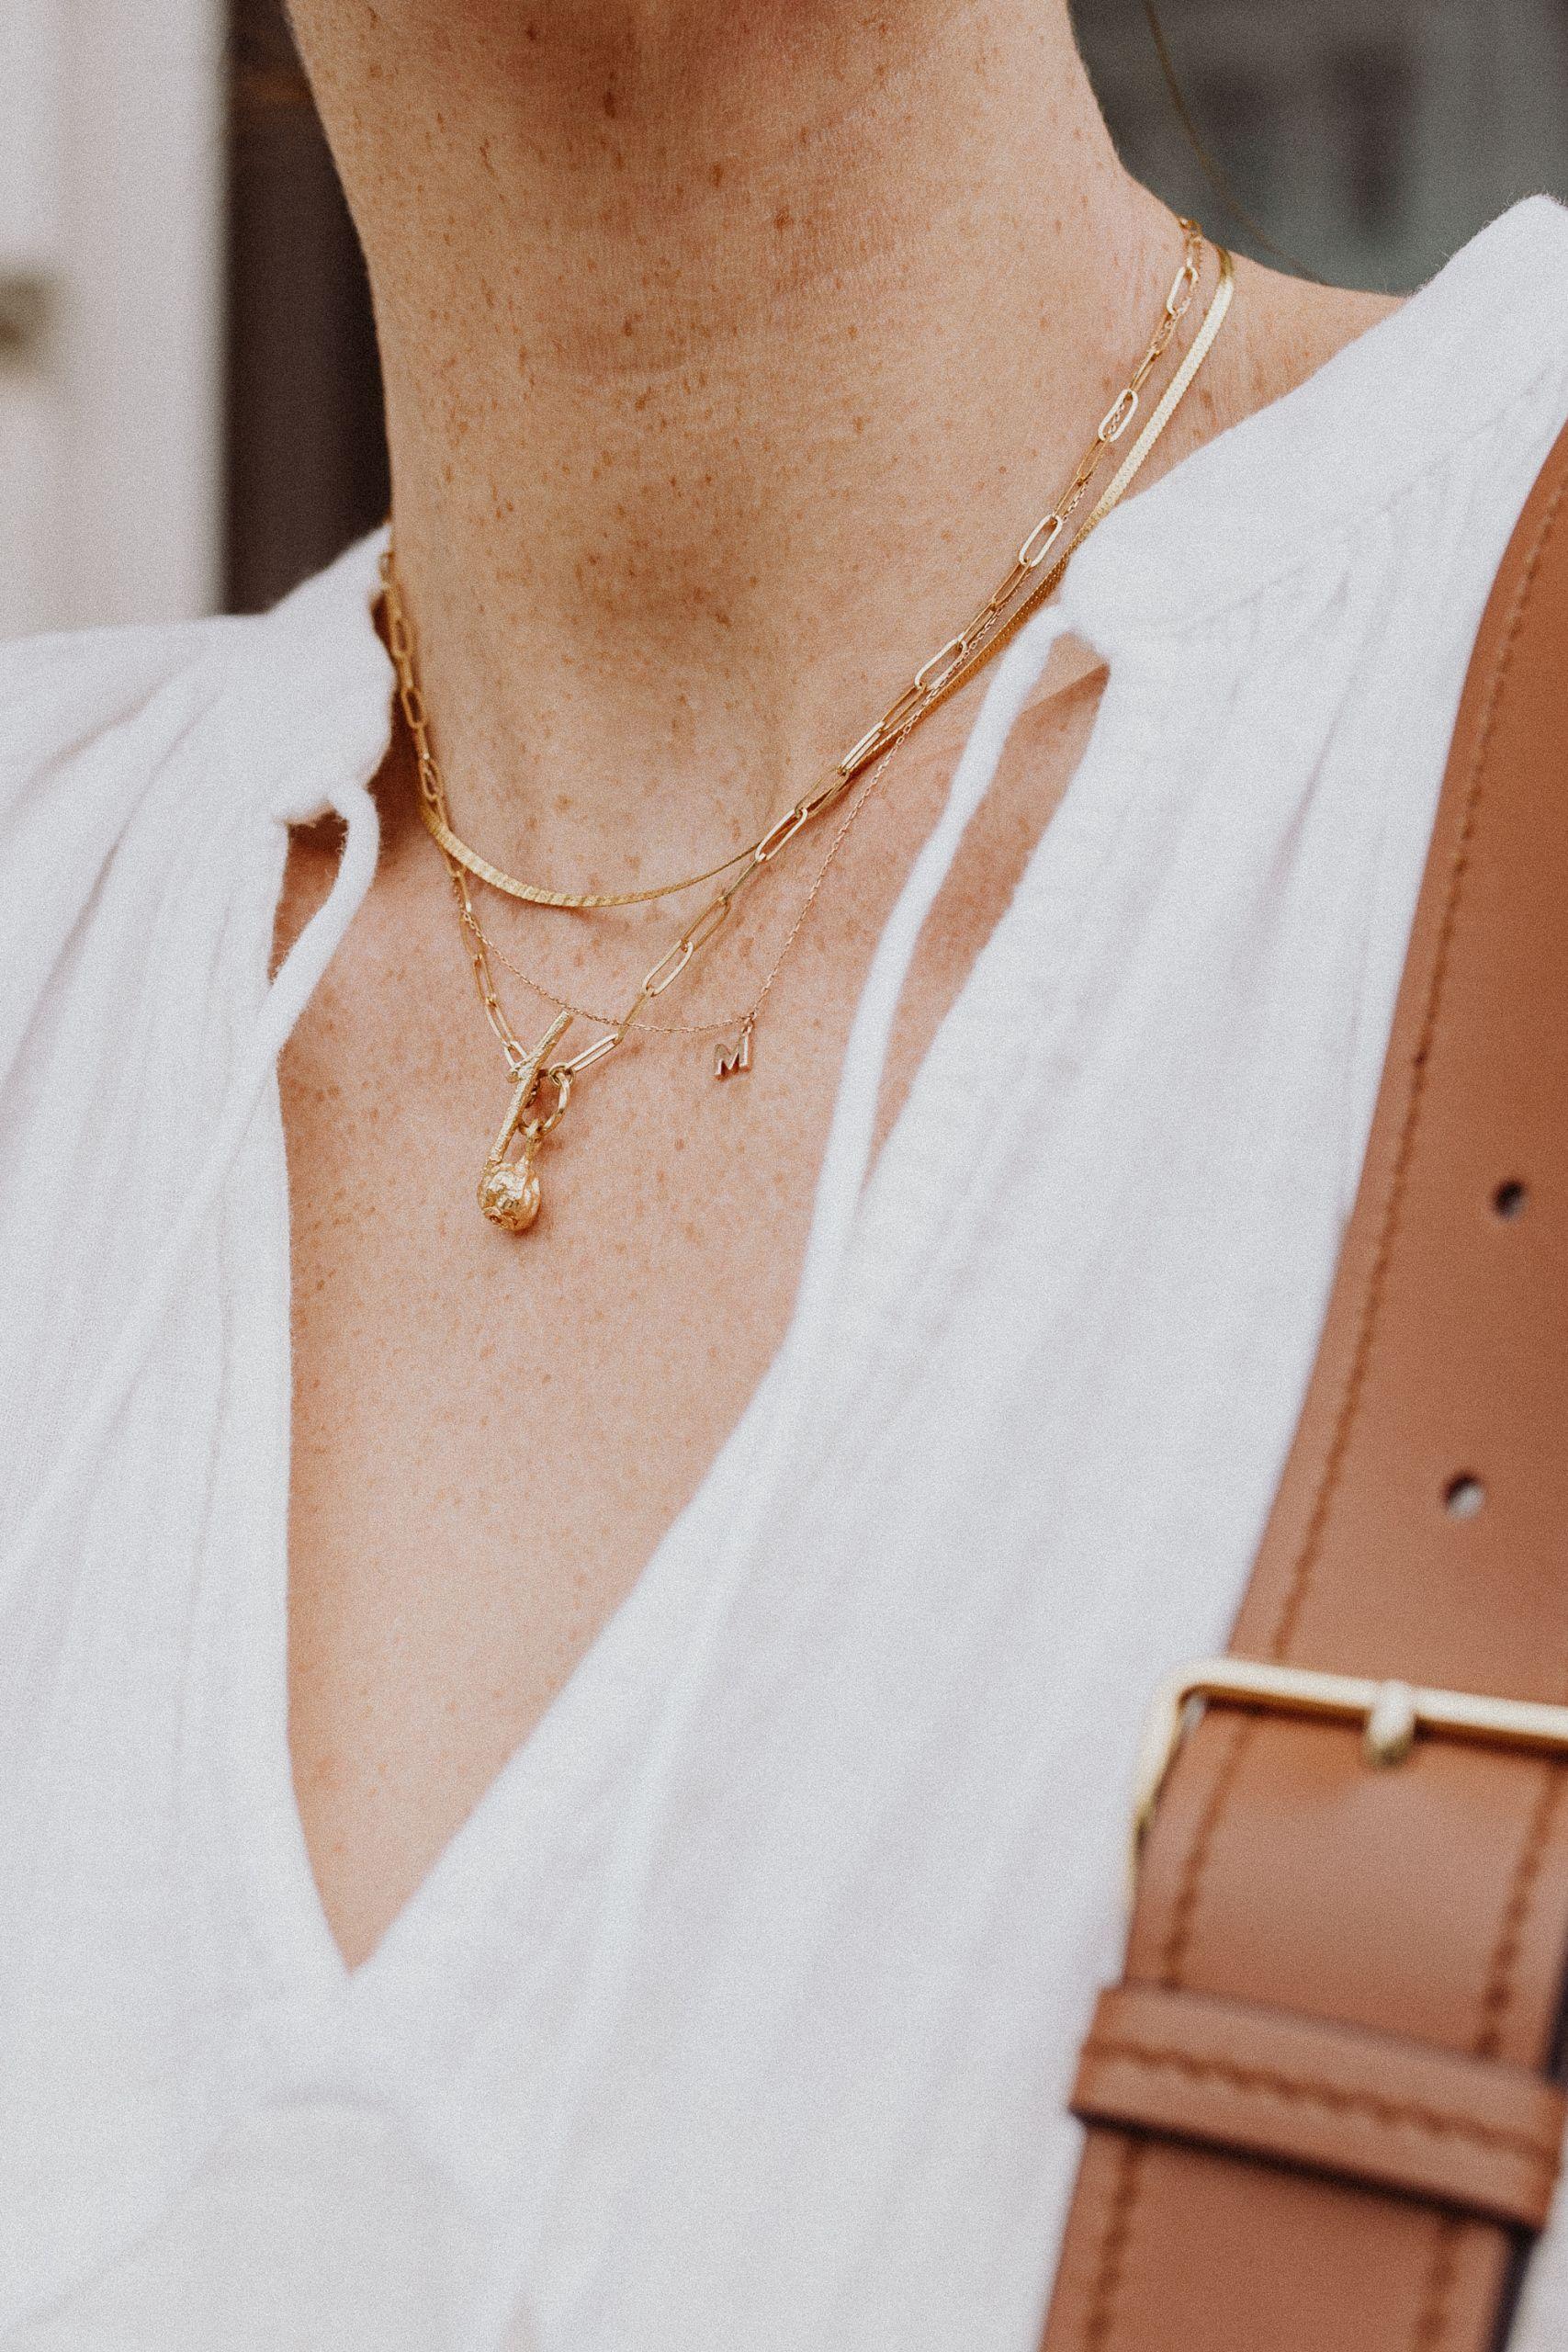 Die schönsten Sommerkleider in Weiß: Maxikleider und Kaftans - Love Daily Dose